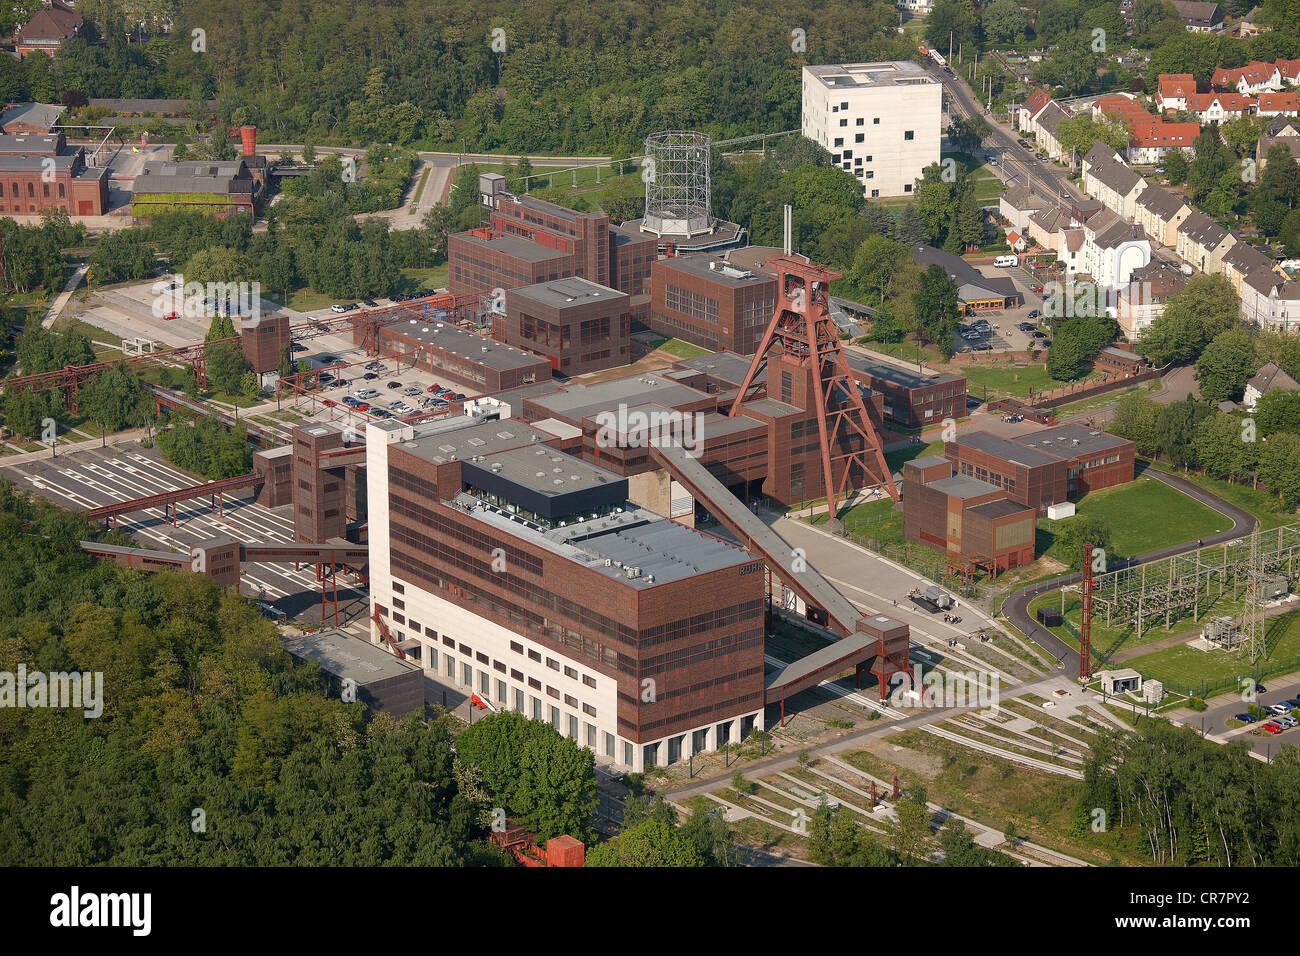 Aerial view, former mine Zeche Zollverein, UNESCO World Heritage Site, Museum, Essen, Ruhrgebiet region, North Rhine - Stock Image